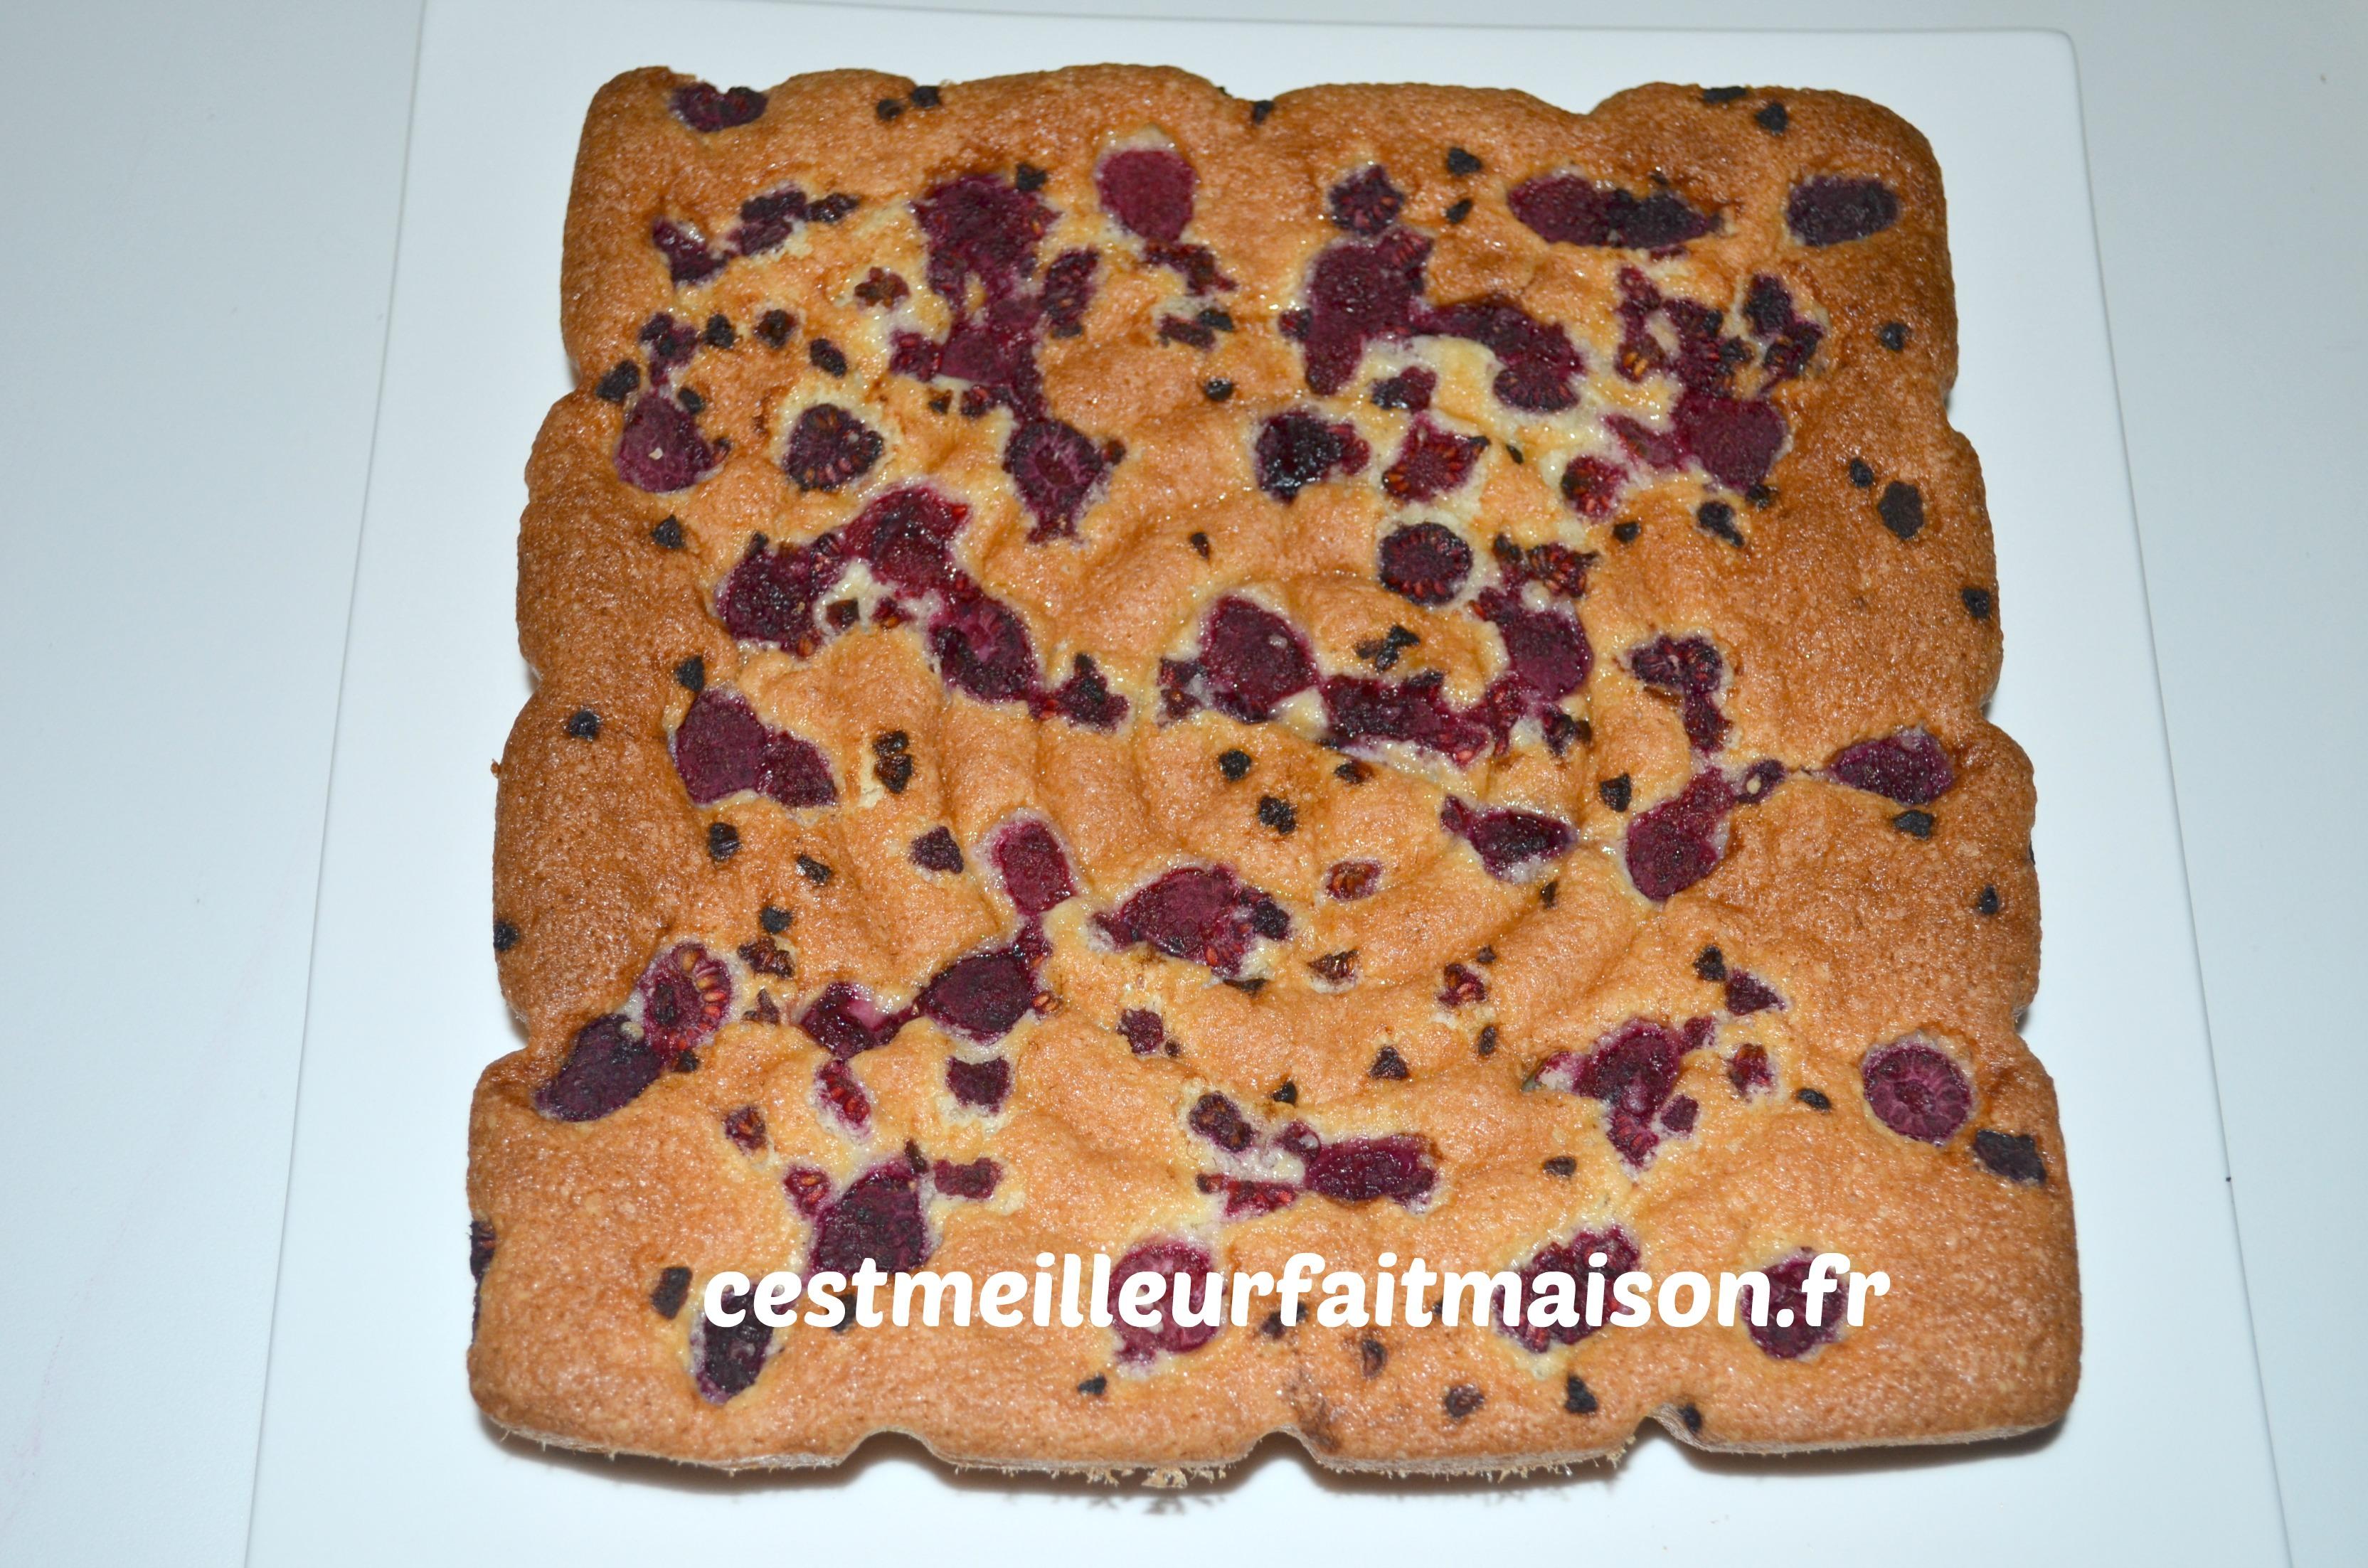 Gâteau aux amandes et aux framboises